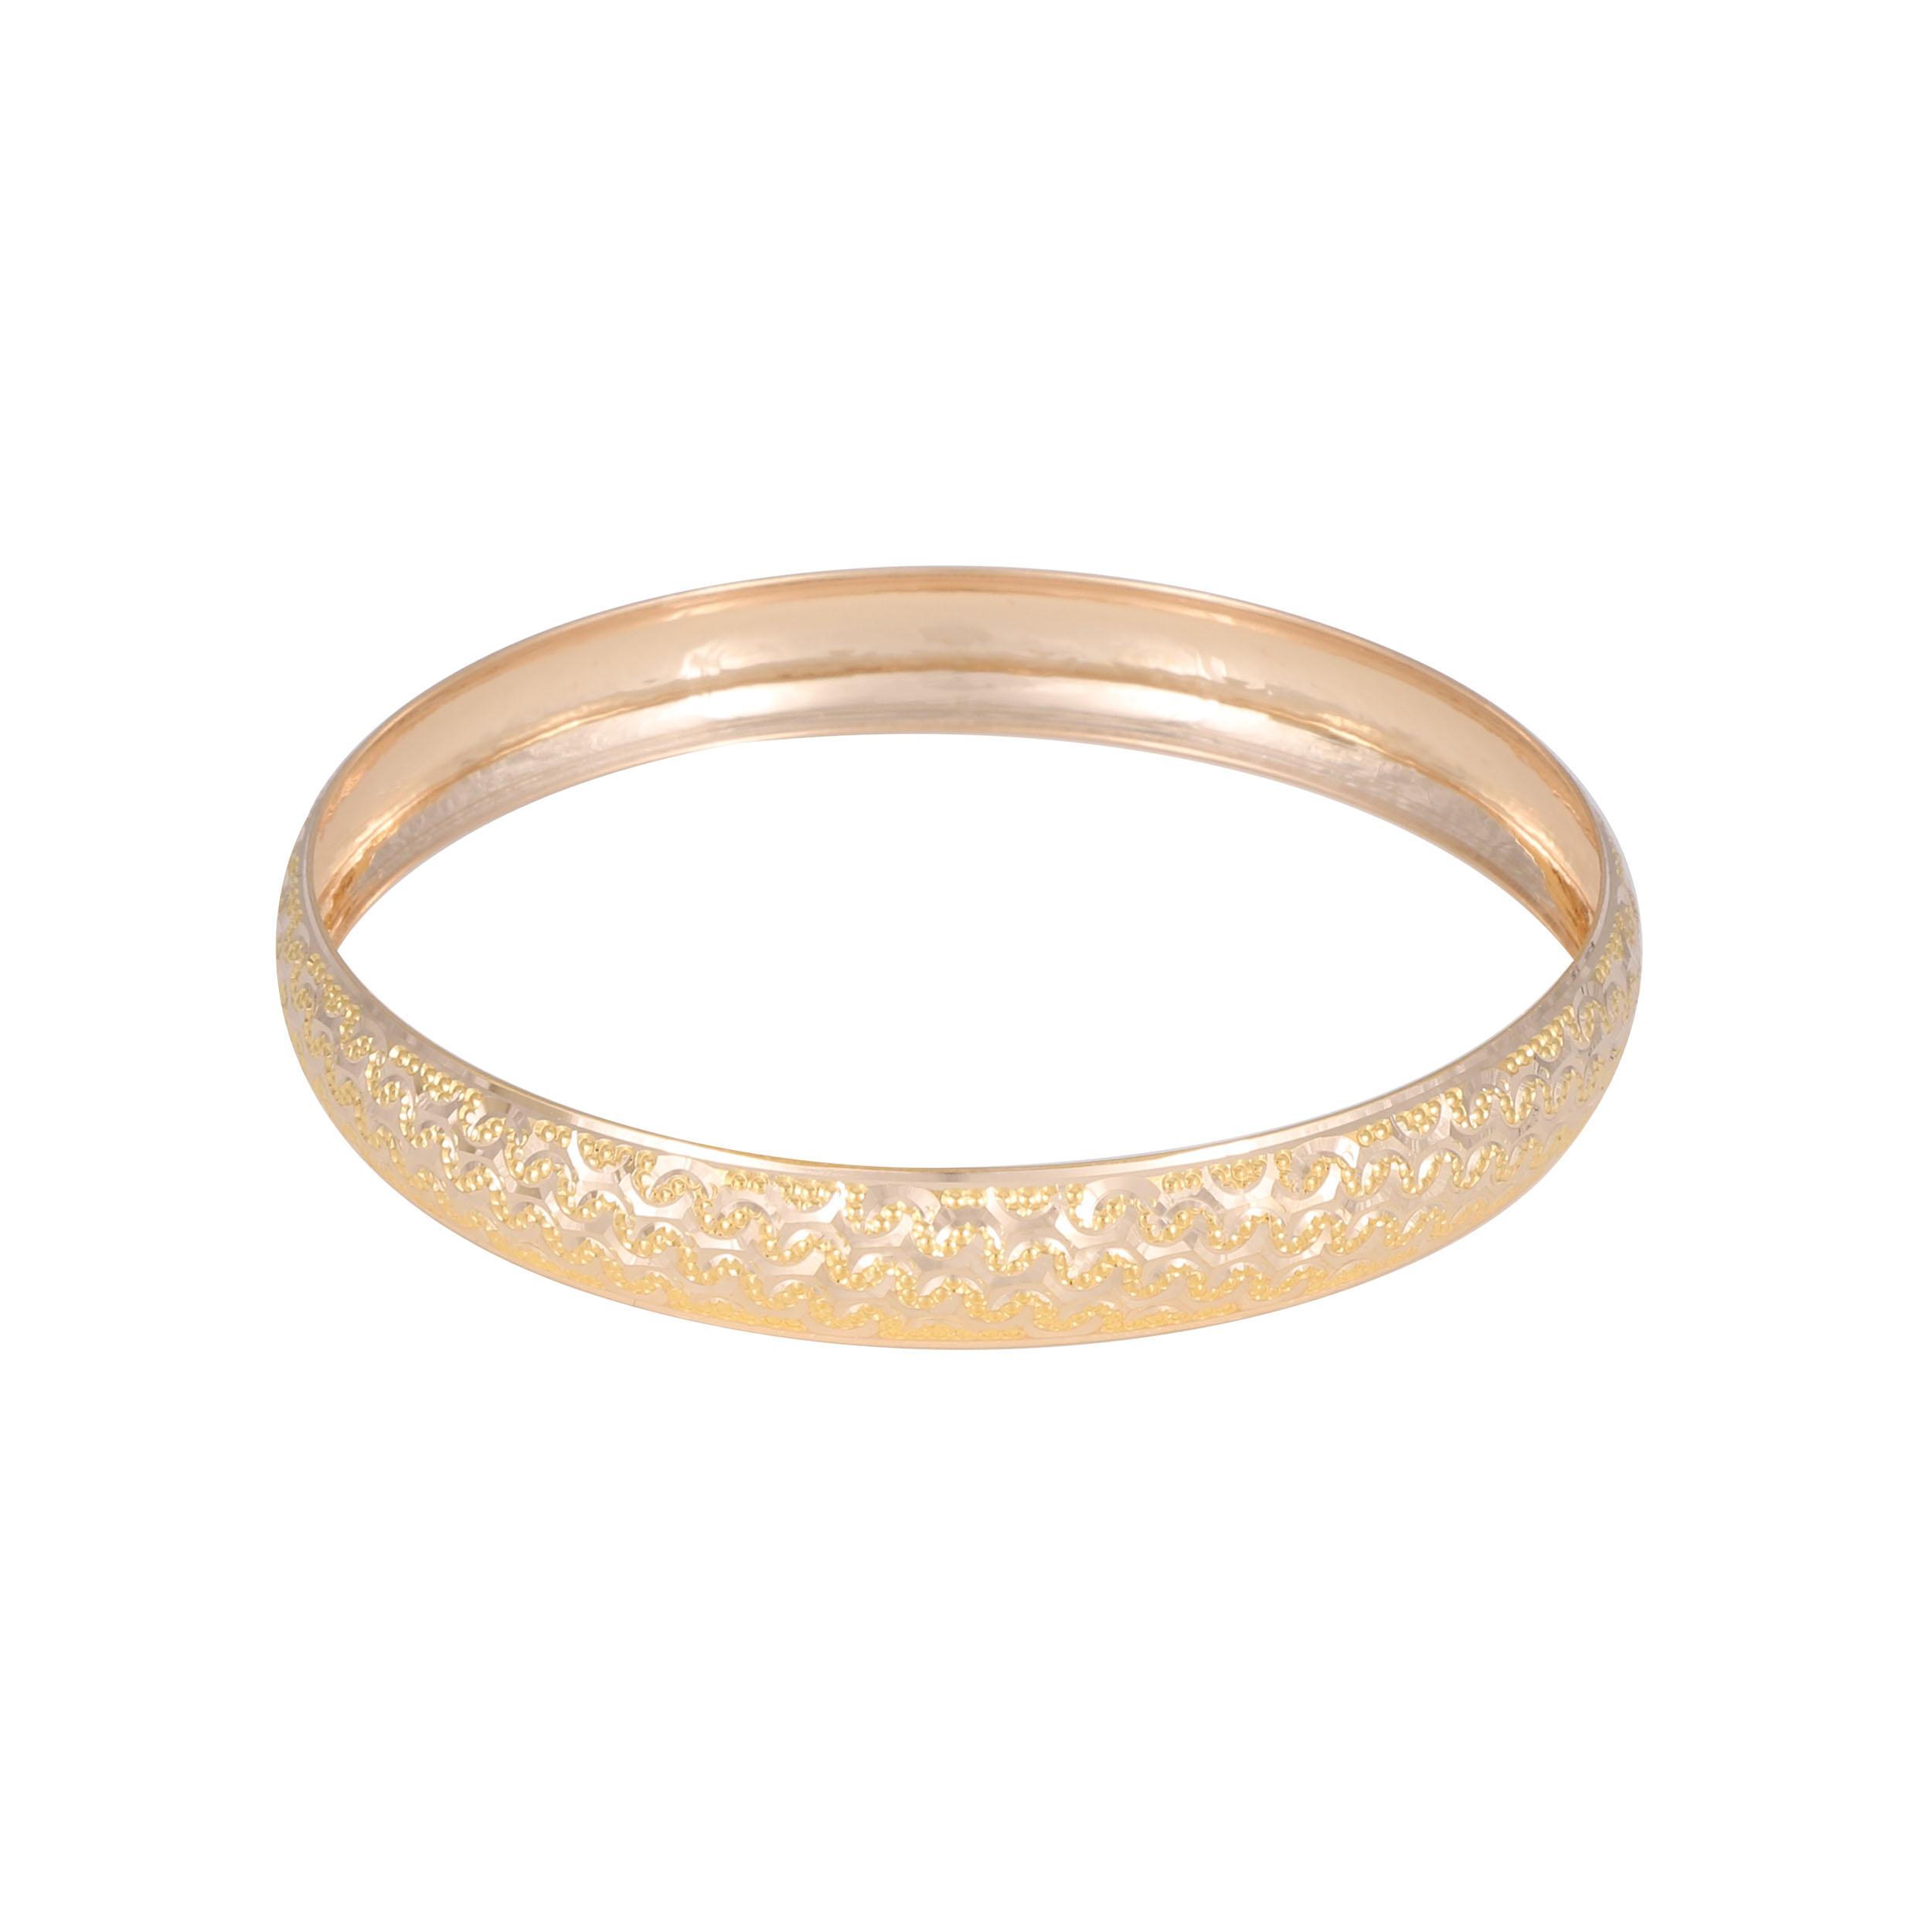 النگو طلا 18 عیار زنانه کد G755